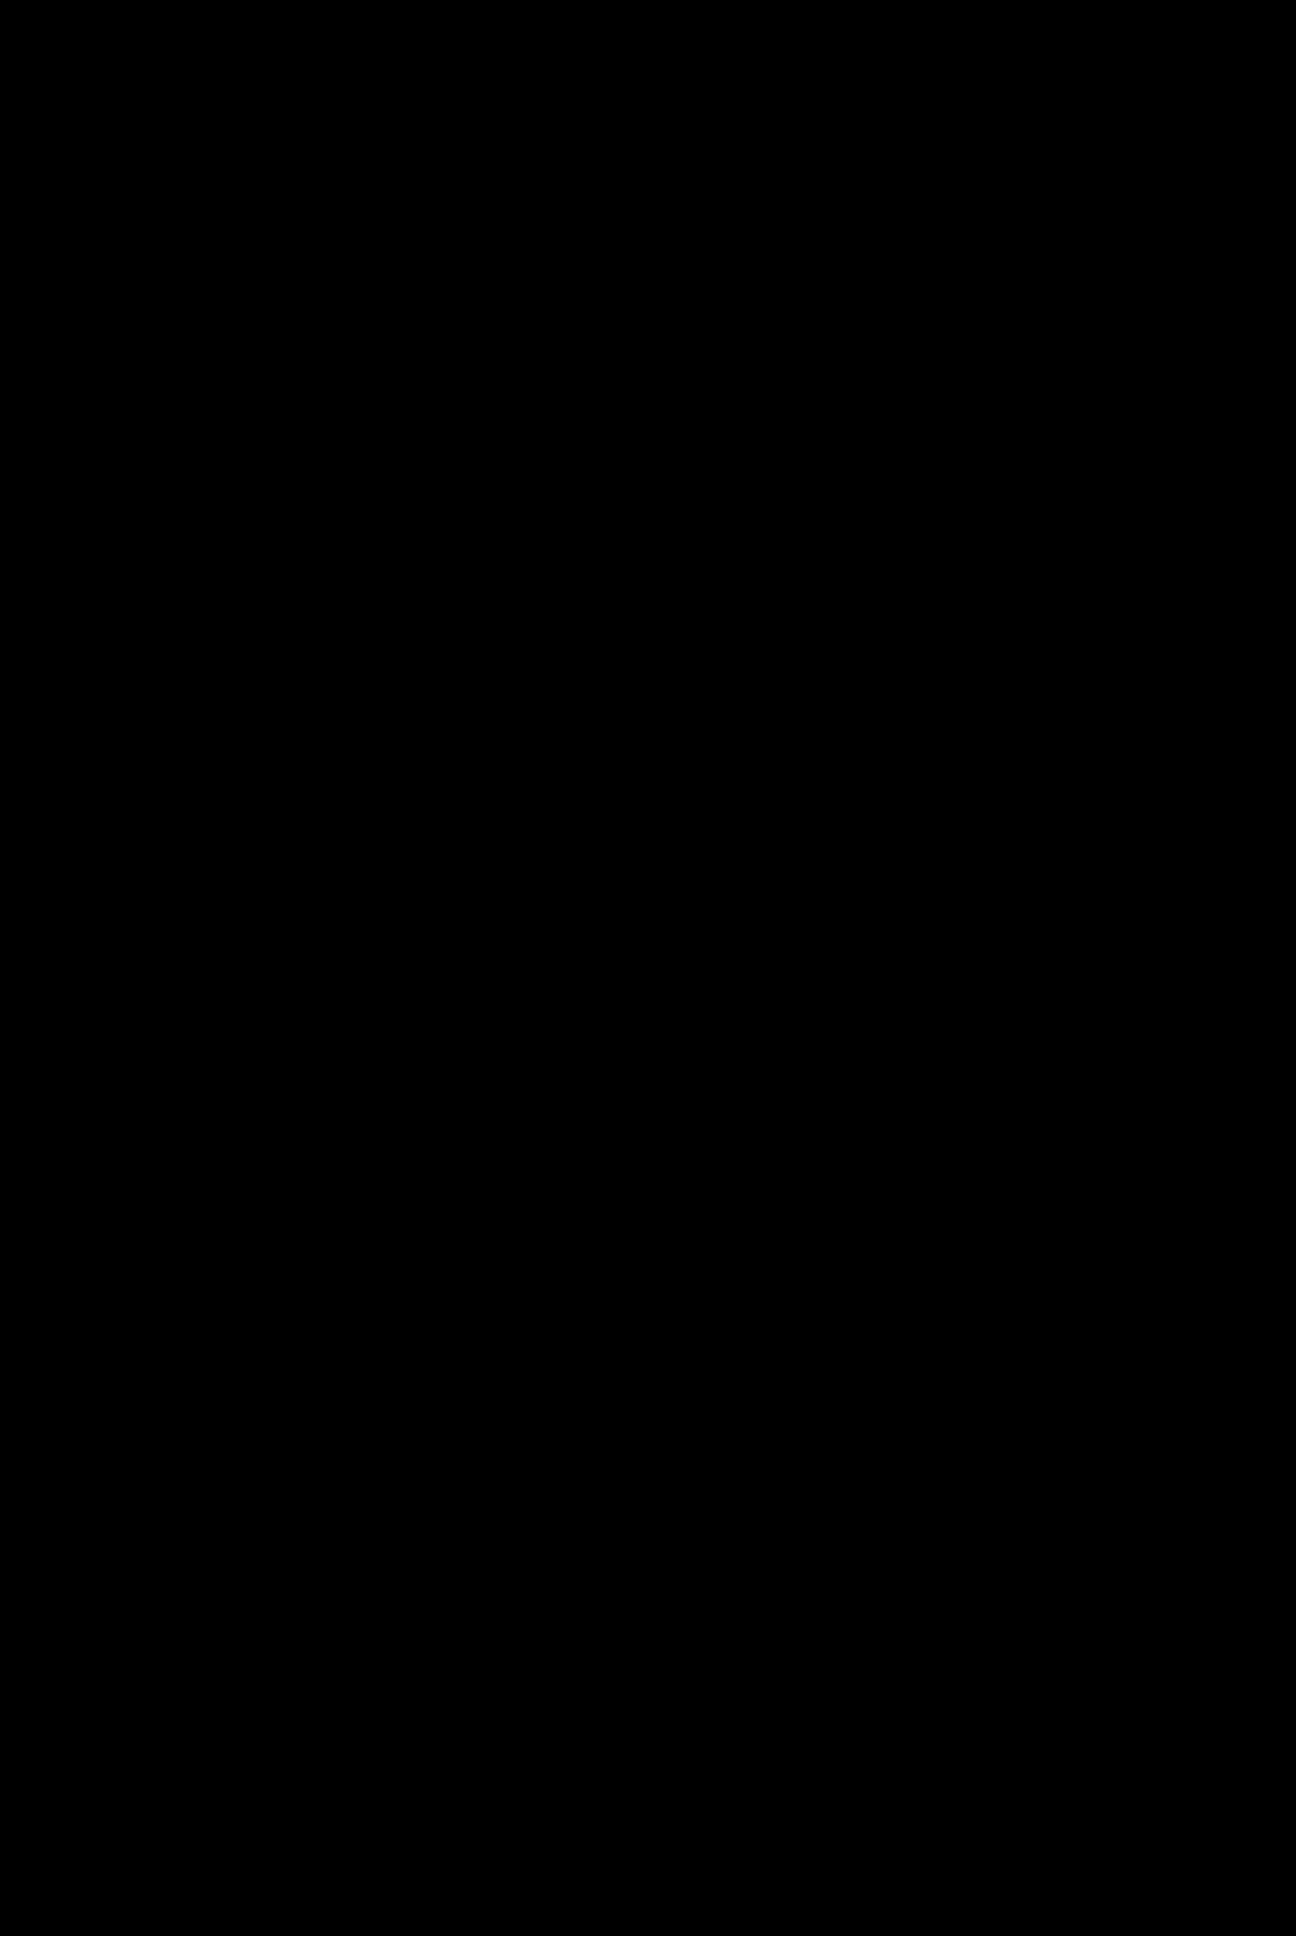 PLURIFAMILIAR SANTA ANA